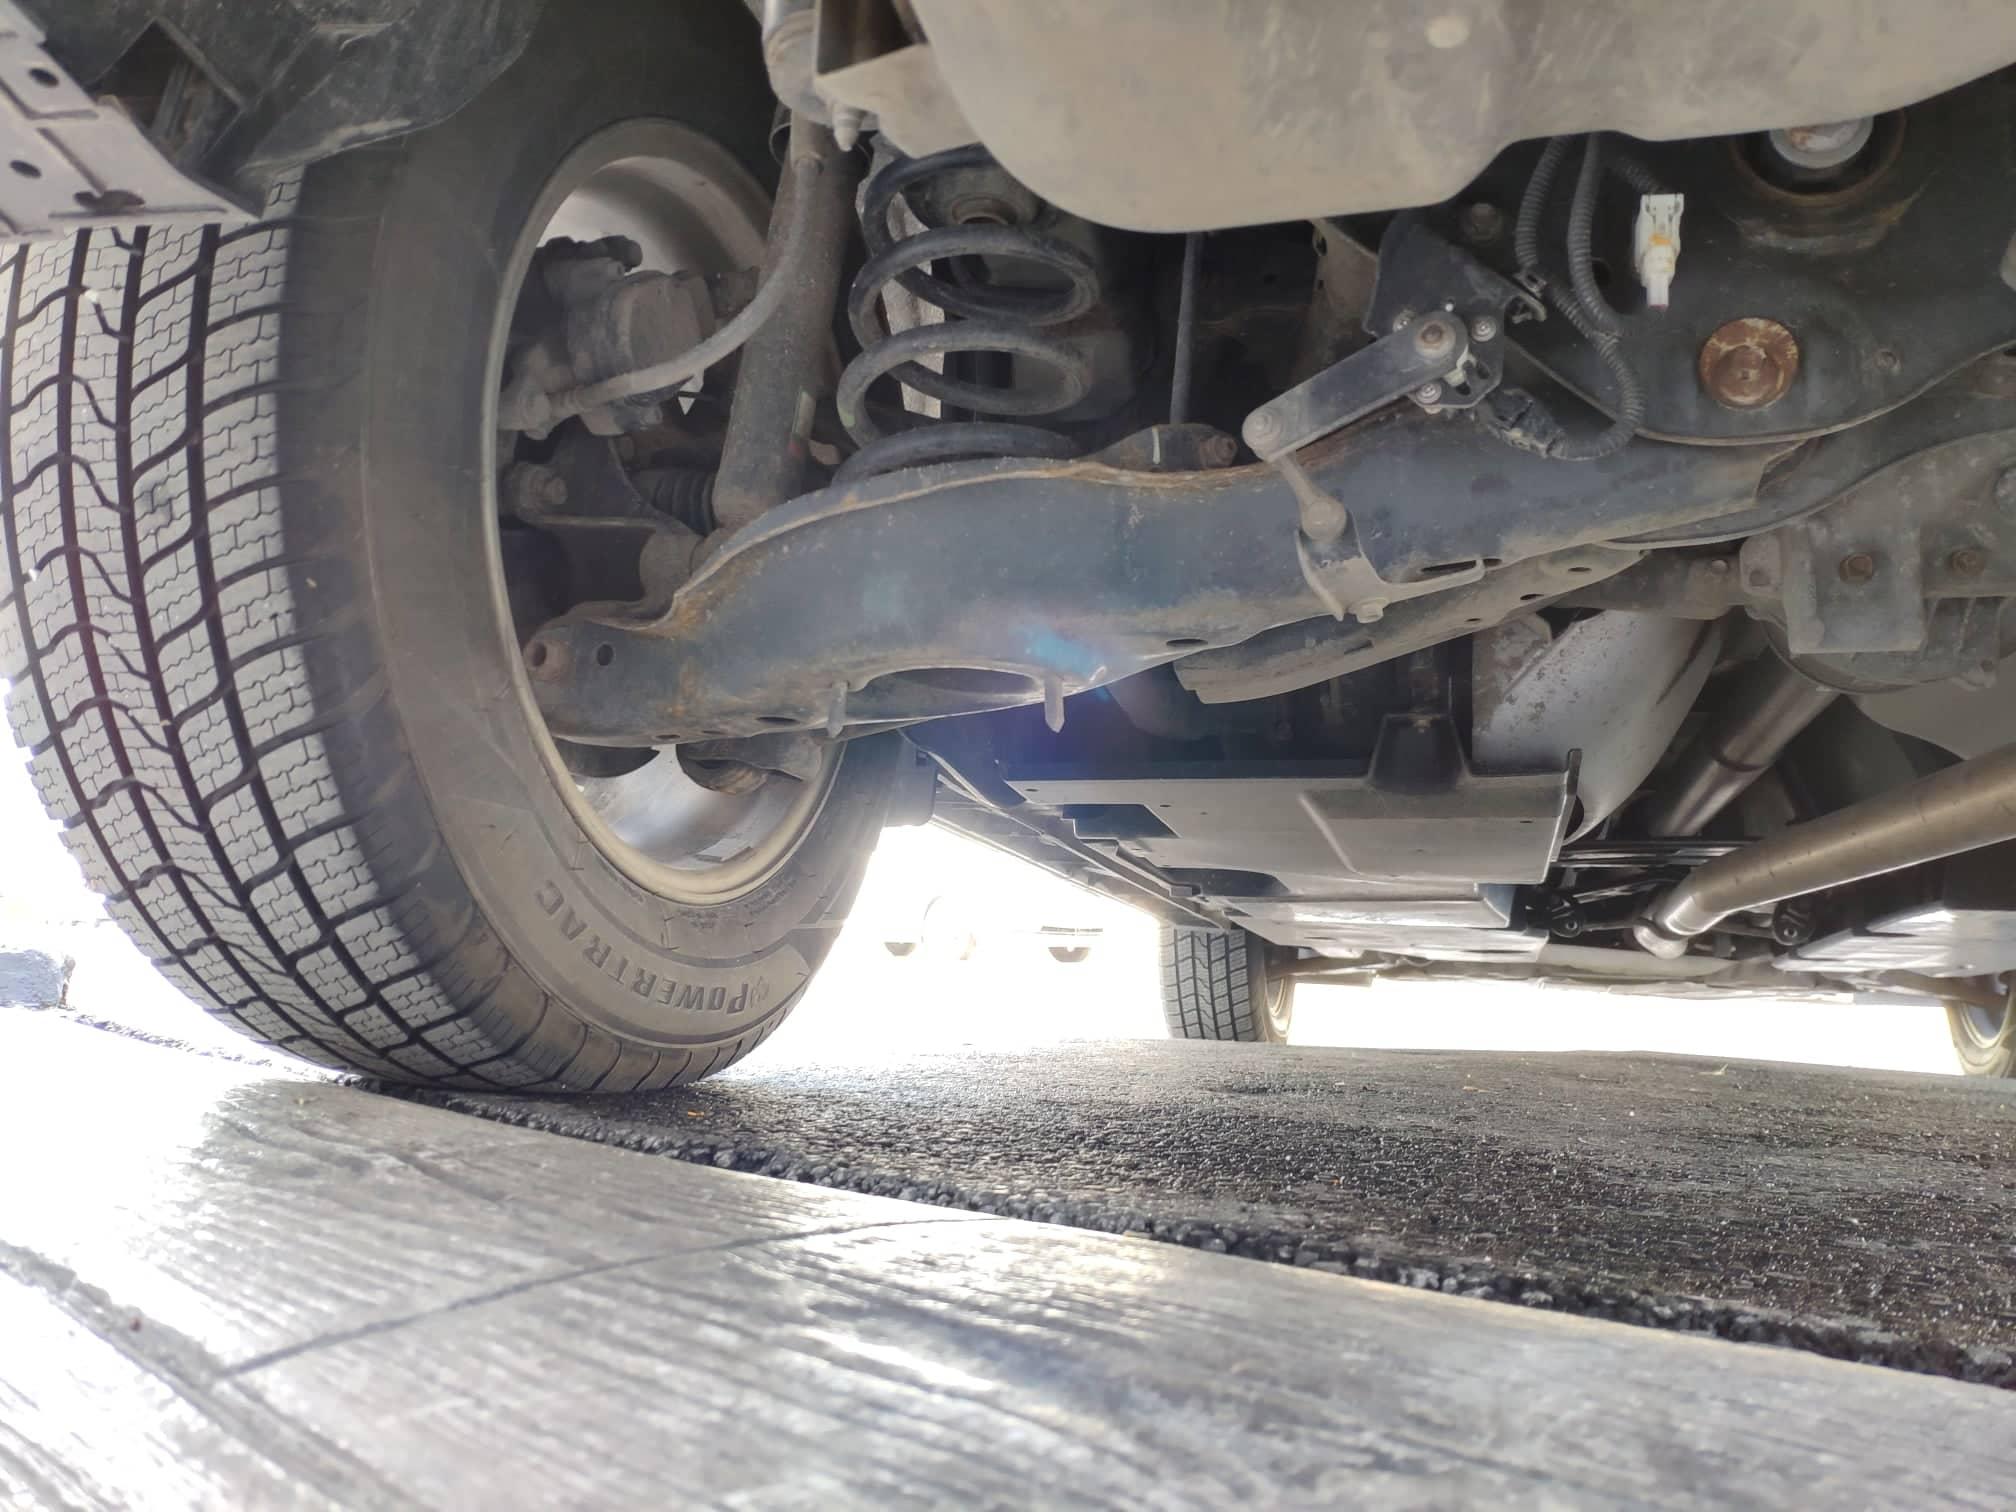 verificare masina second hand mazda cx-5 vedere suspensie